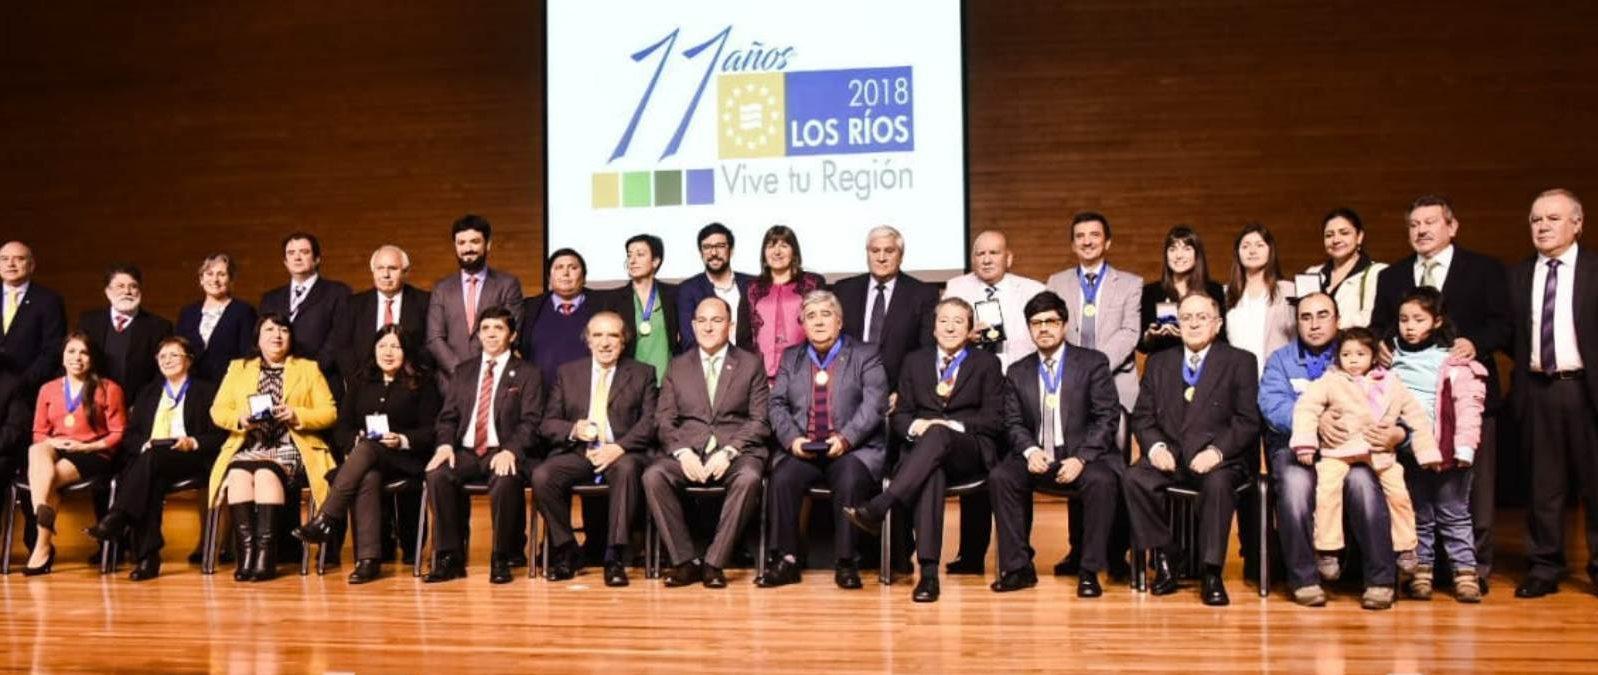 Gobierno Regional homenajeó a personas e instituciones por su aporte al territorio en nuevo aniversario de Los Rios